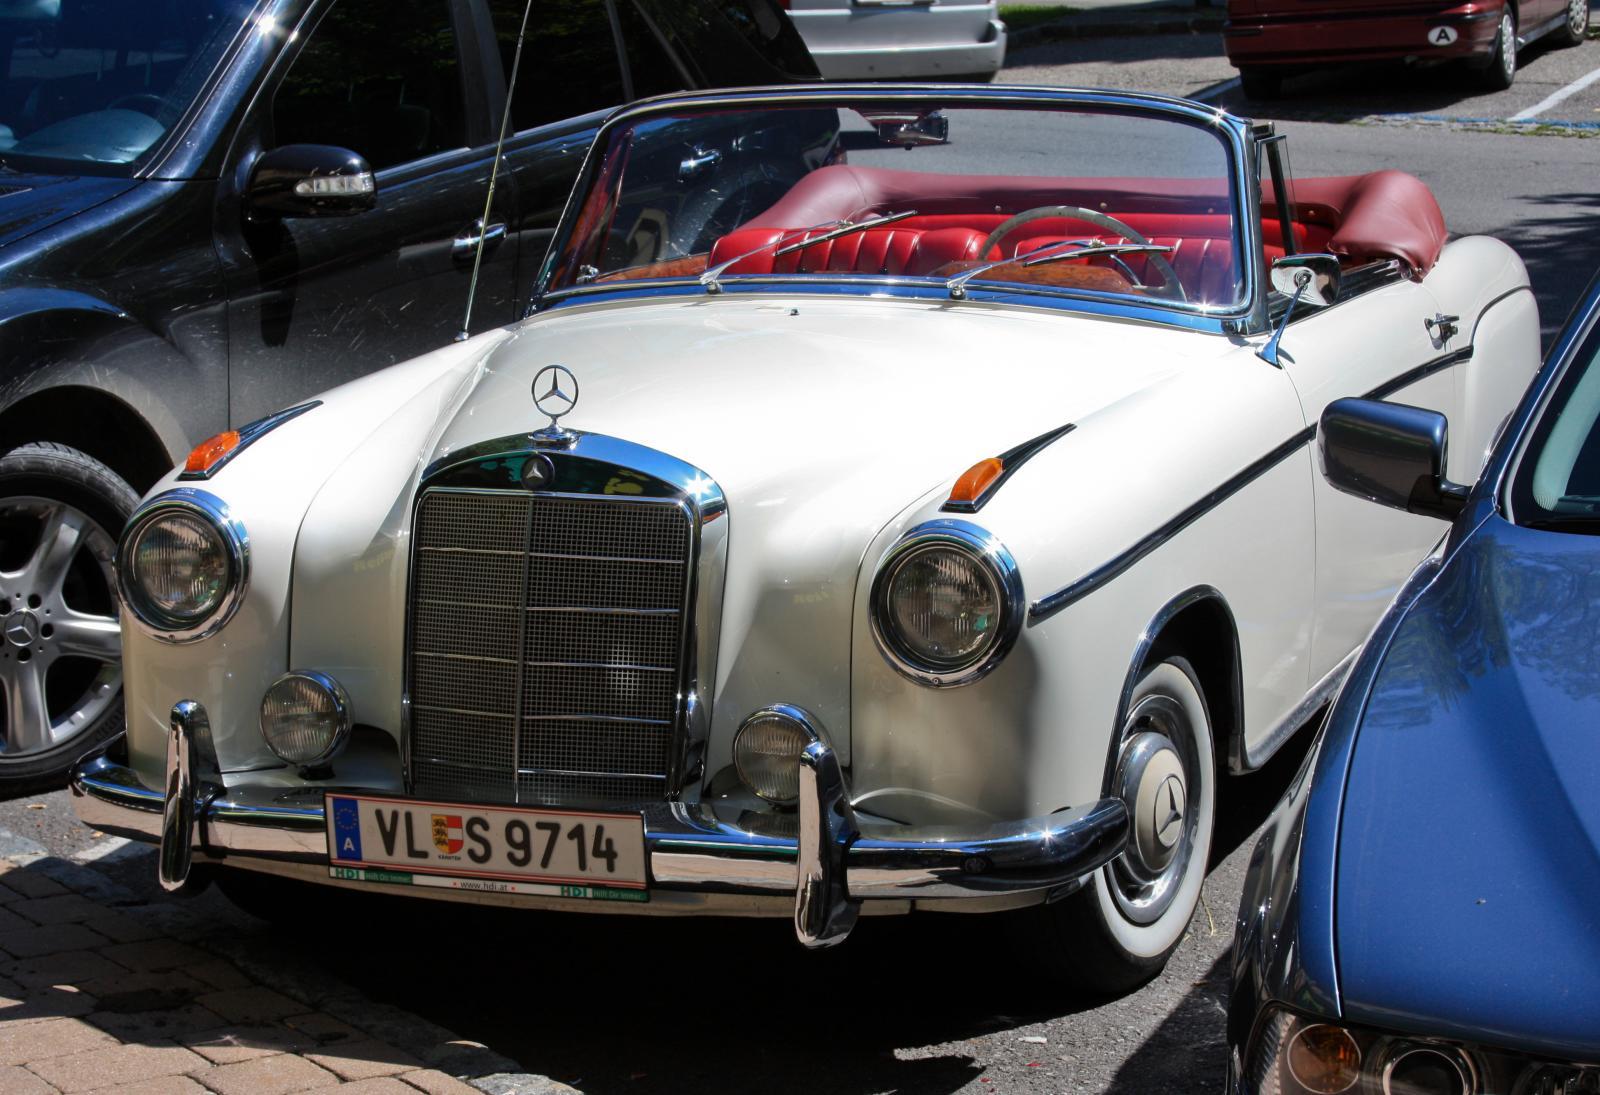 Un mercedes benz deportivo en spittal an der drau for Mercedes benz deportivo